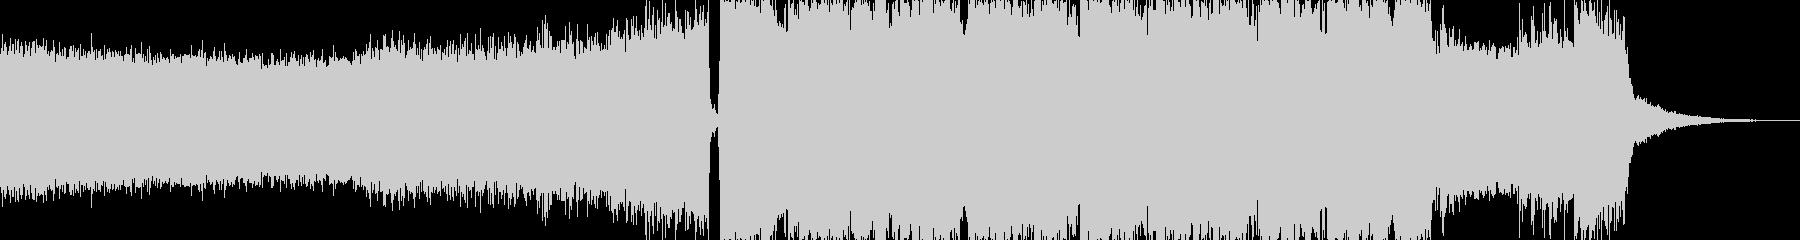 アグレッシブシネマティックヘヴィロックcの未再生の波形